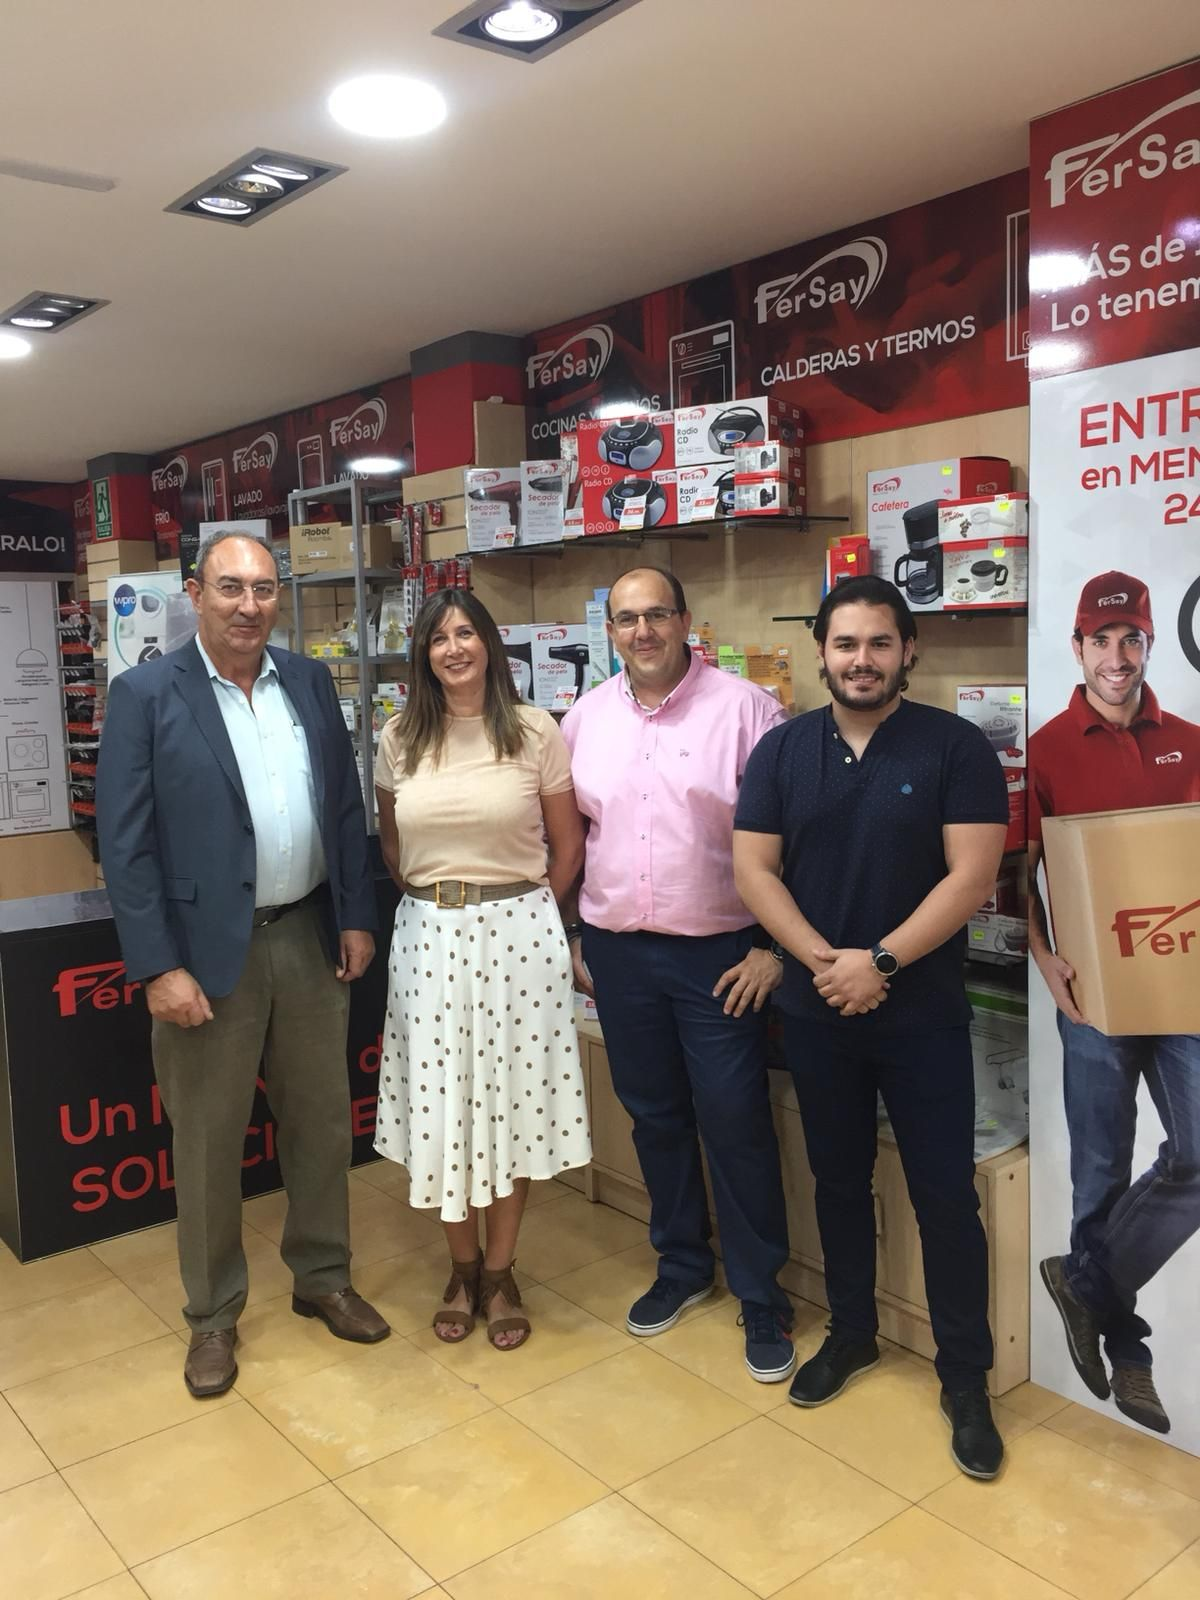 La central de repuestos y accesorios Fersay inaugura una nueva franquicia en Puertollano